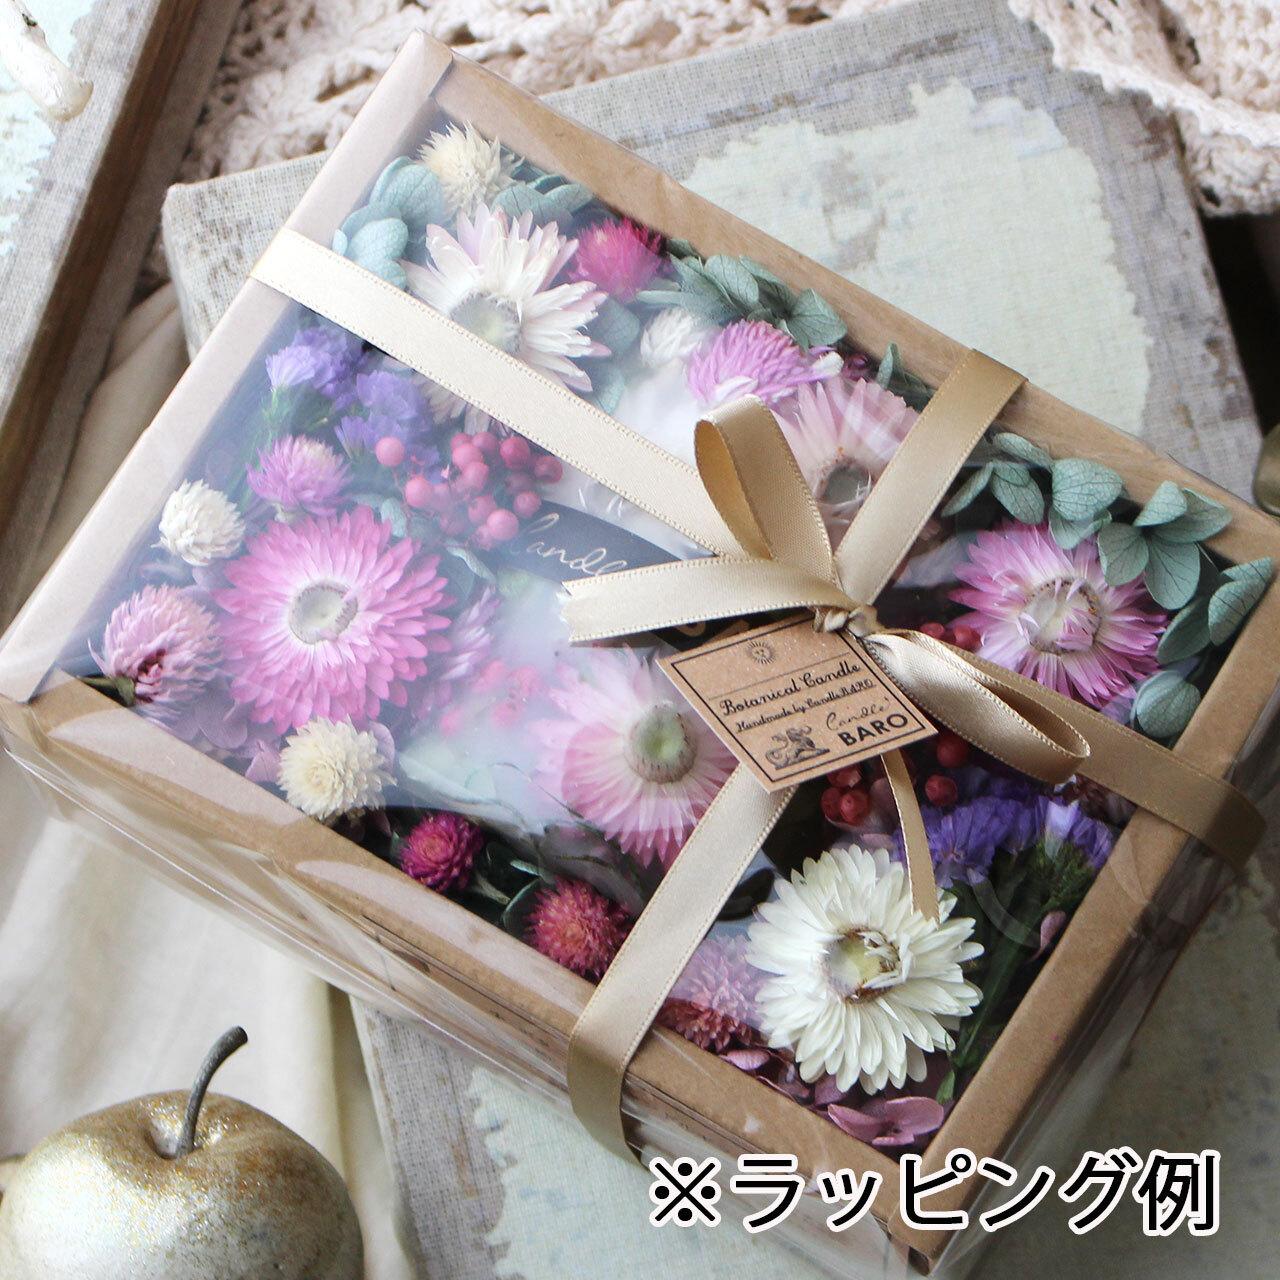 H517 透明ラッピング&紙袋付き☆ボタニカルキャンドルギフト ヘリクリサム